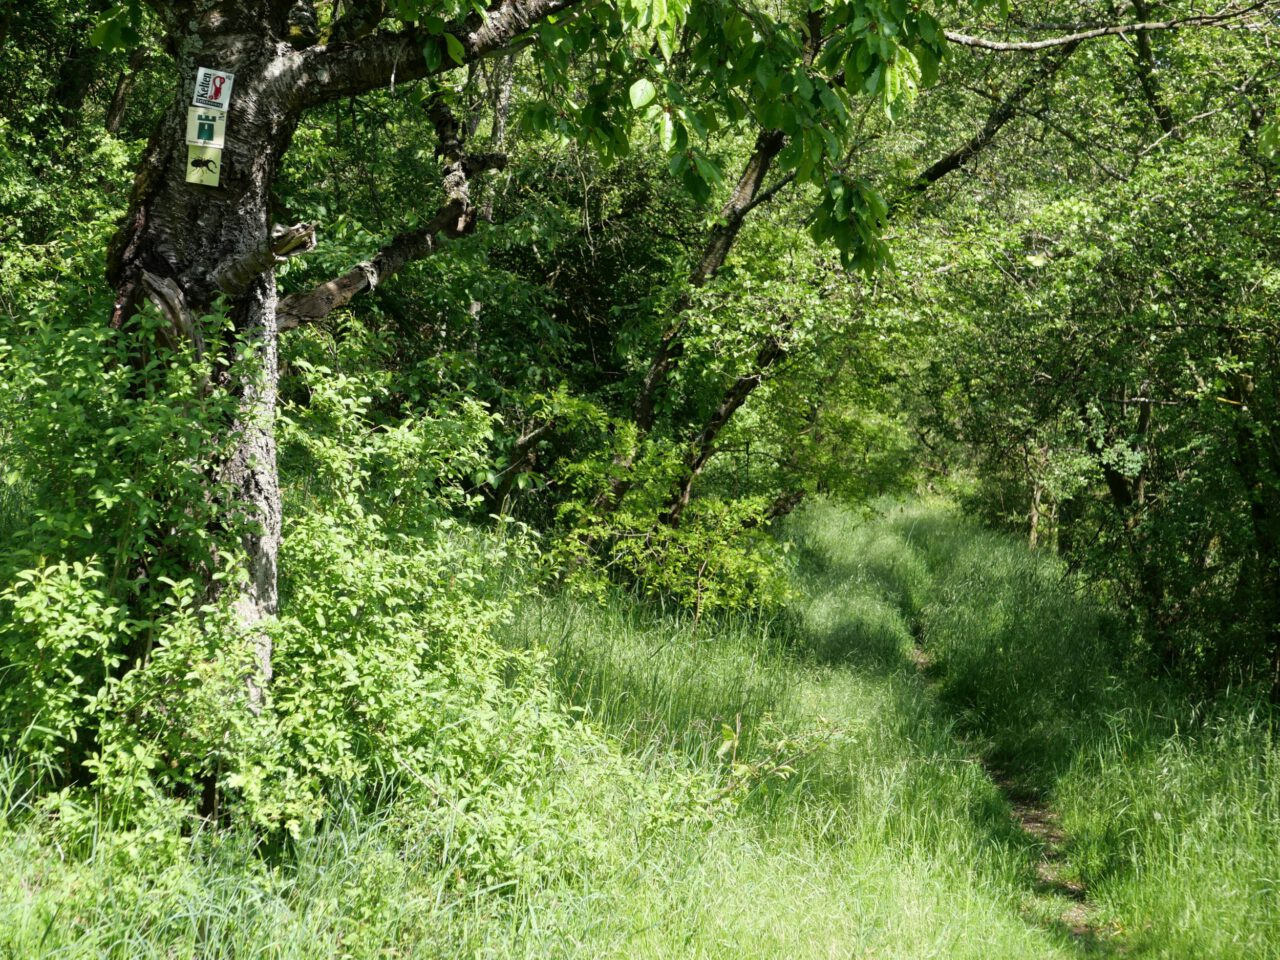 Eigene Fußspuren setzen - Burgenweg bei Prappach